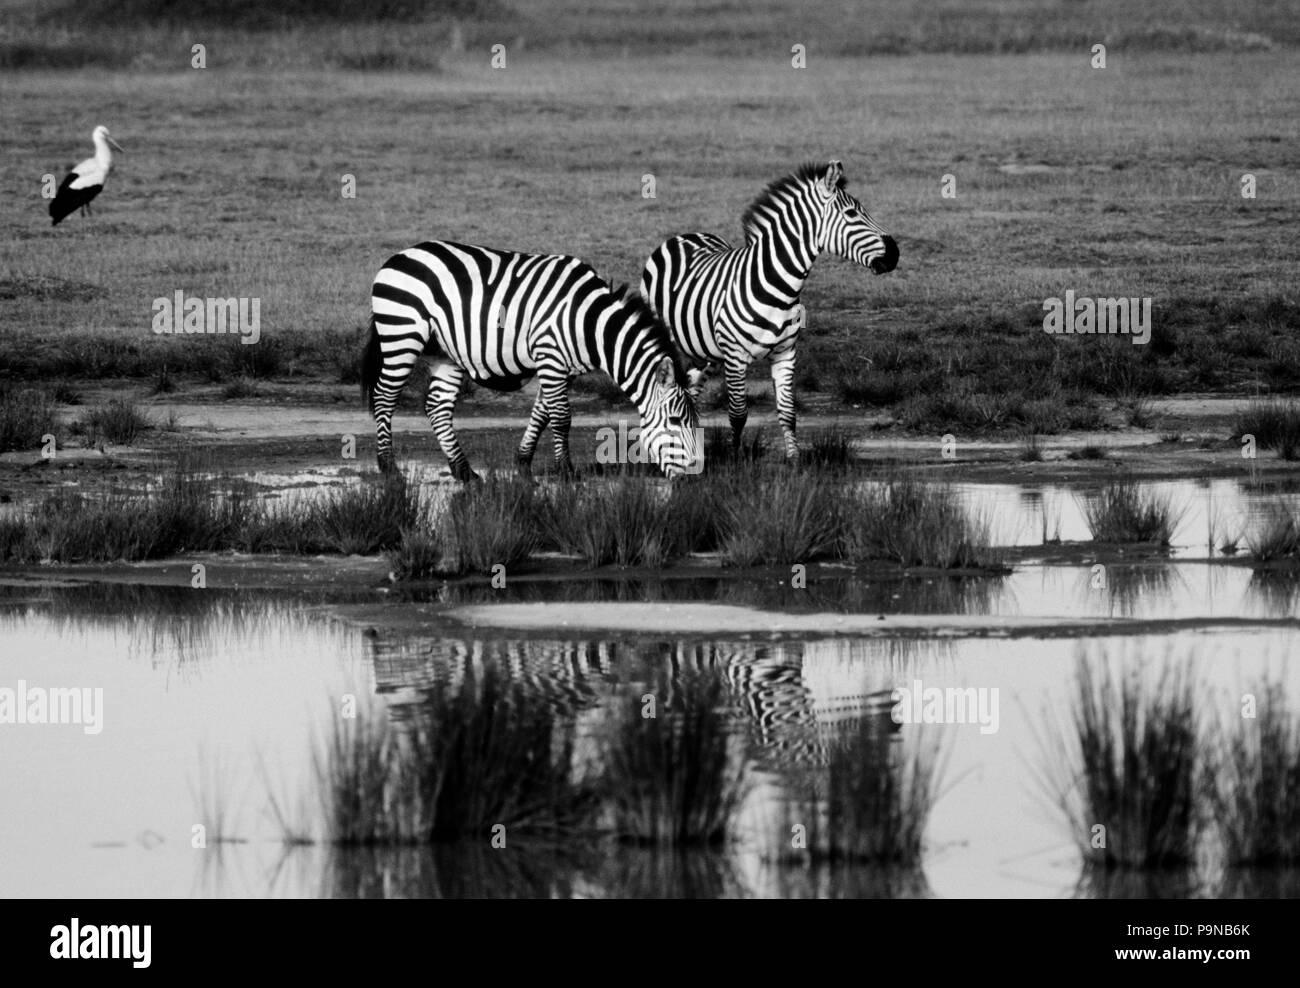 Dos CEBRAS DE BURCHELL (Equus burchelli) está reflejada en un charco de agua de lluvia - Parque Nacional del Serengeti Foto de stock